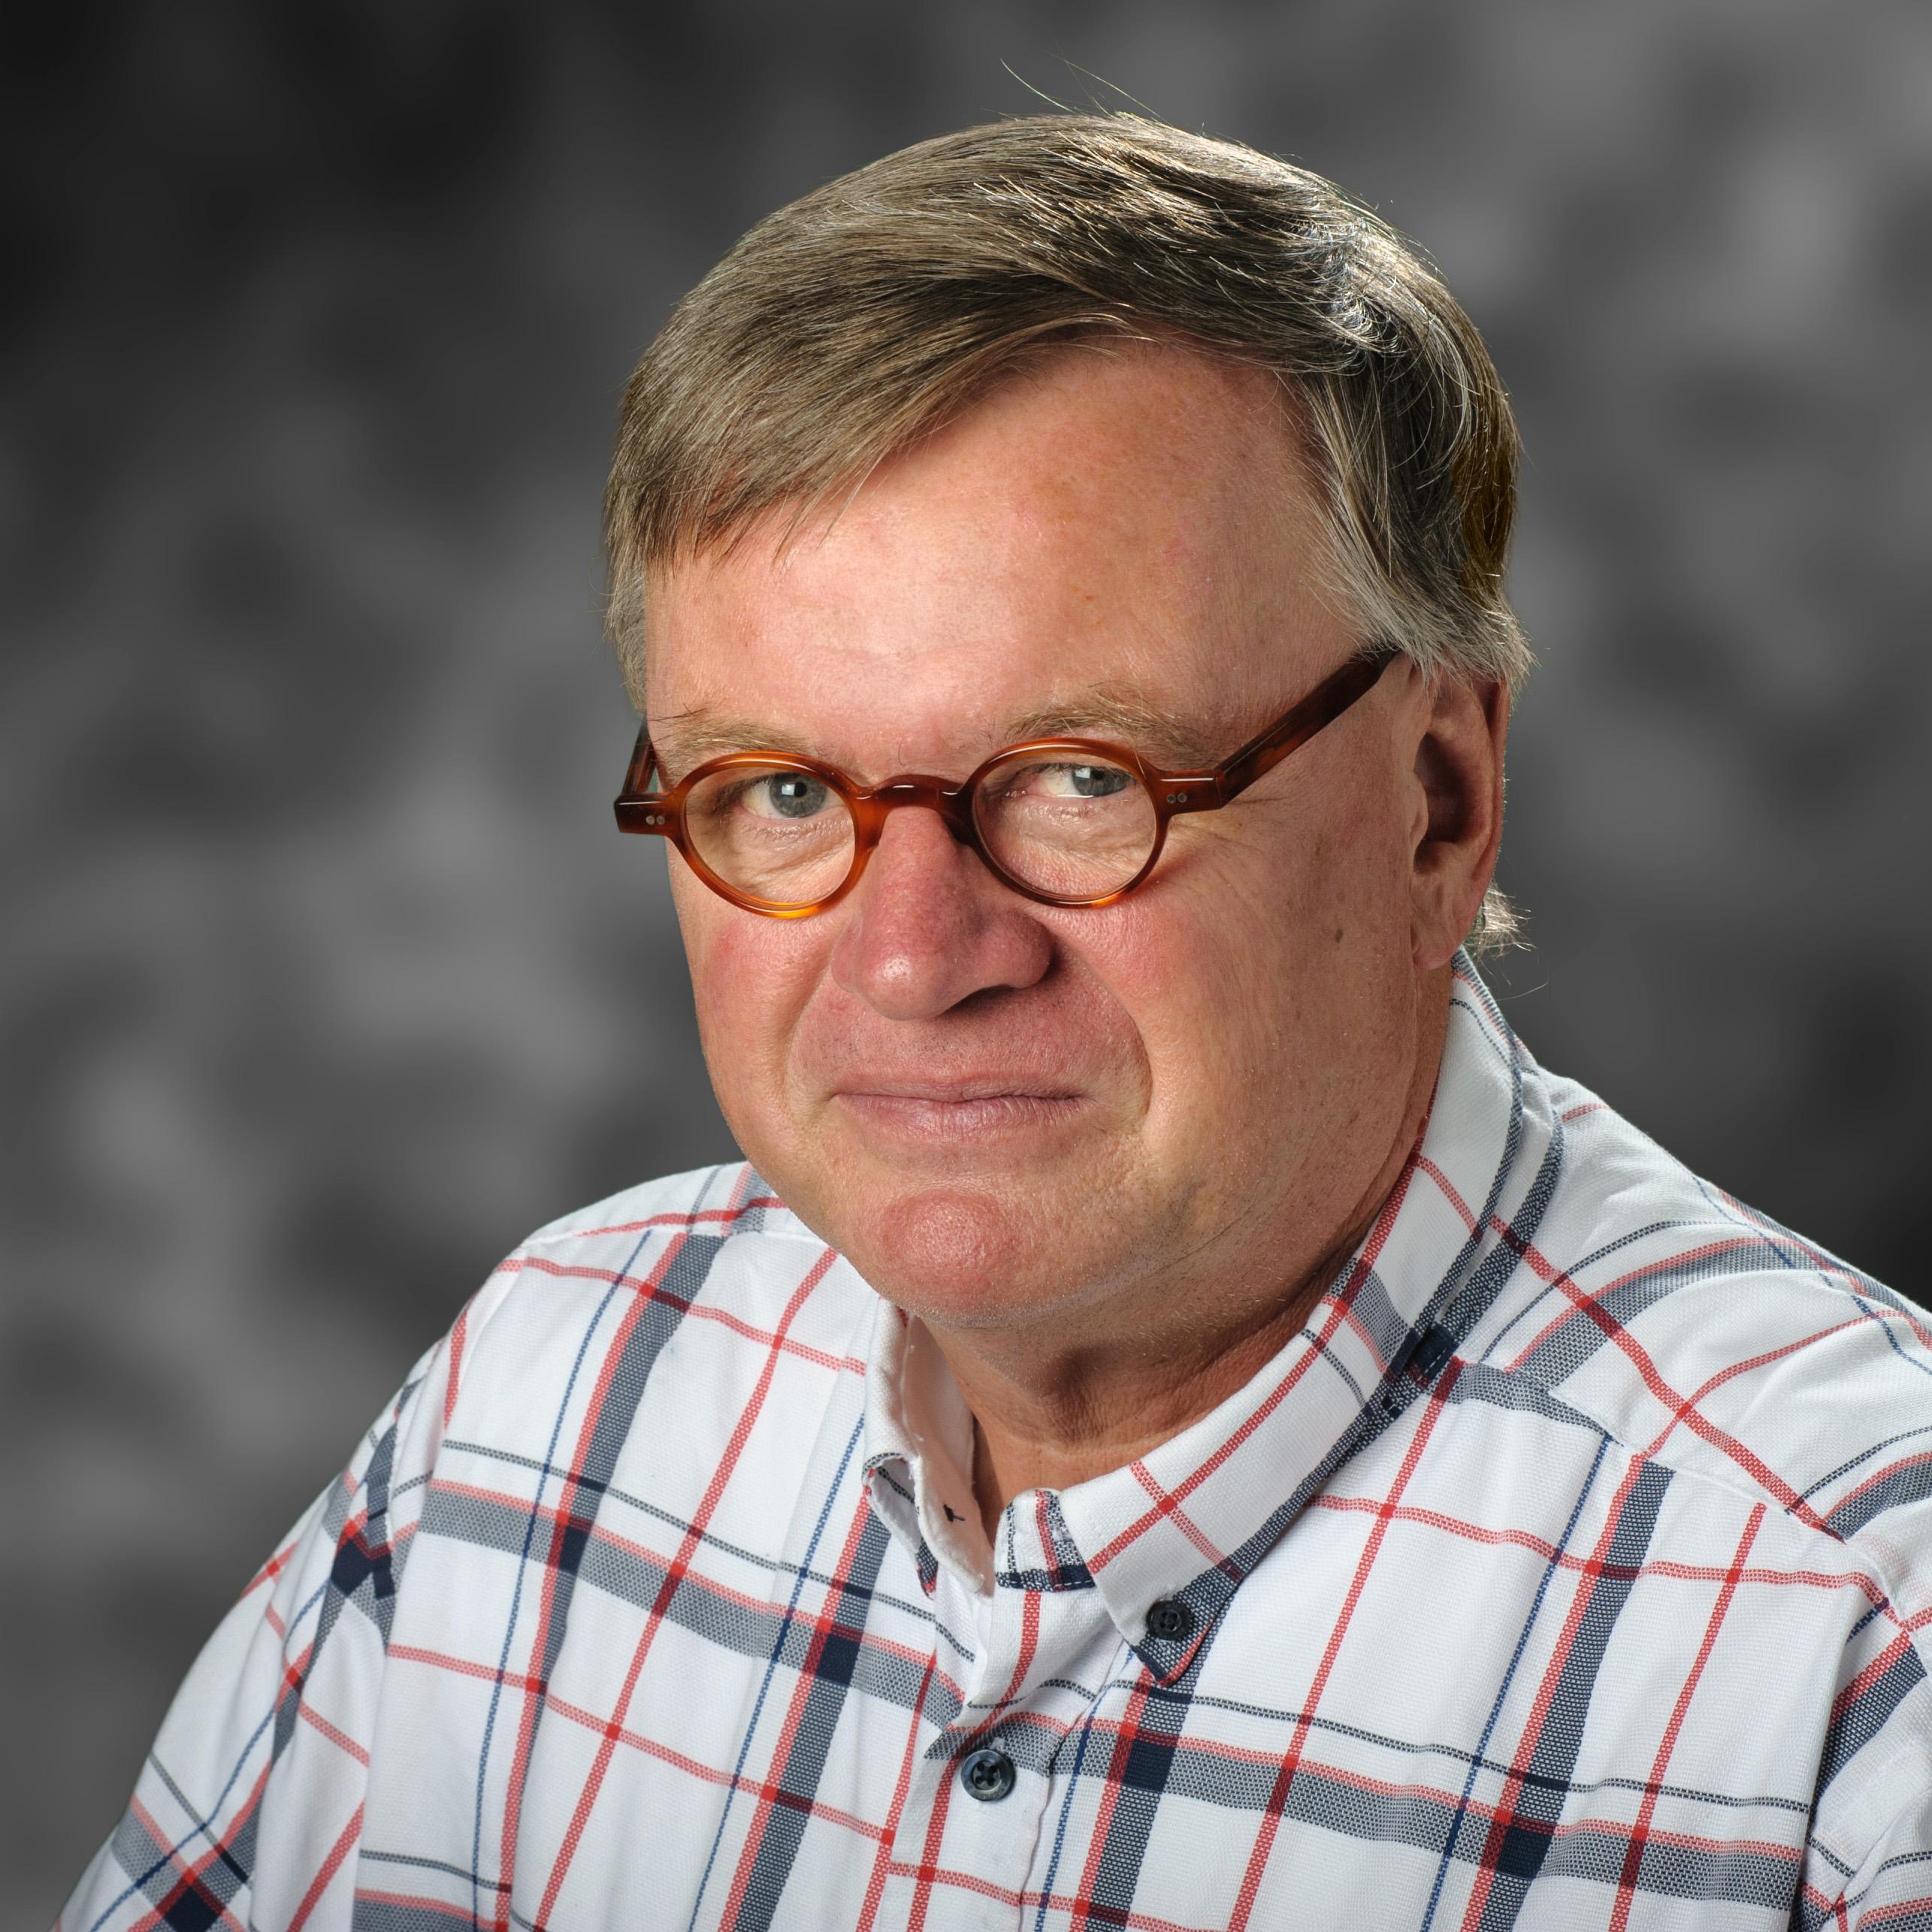 Matthias Quante